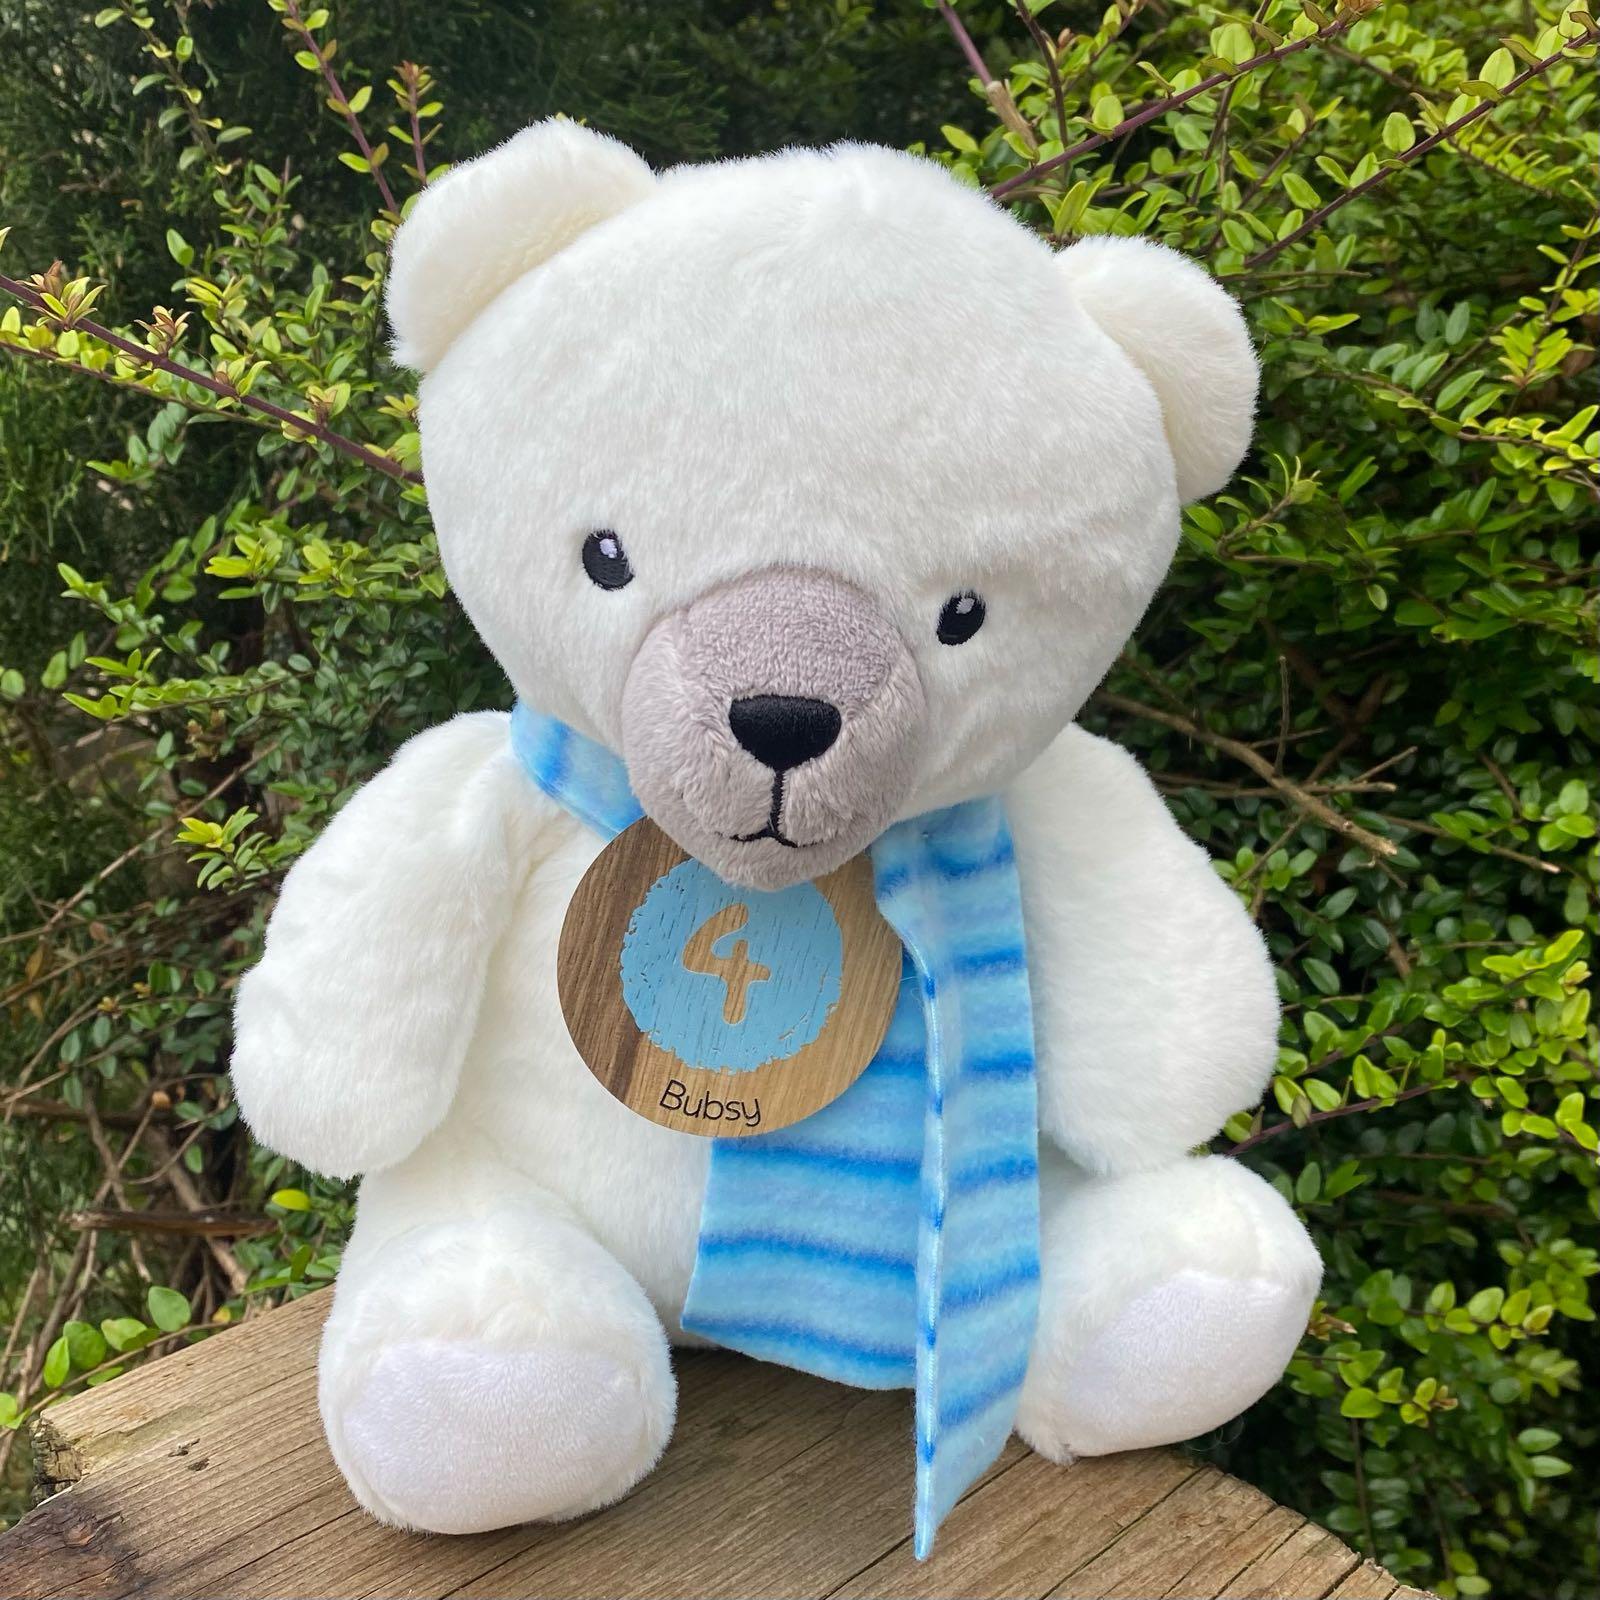 TEDDY BUBSY